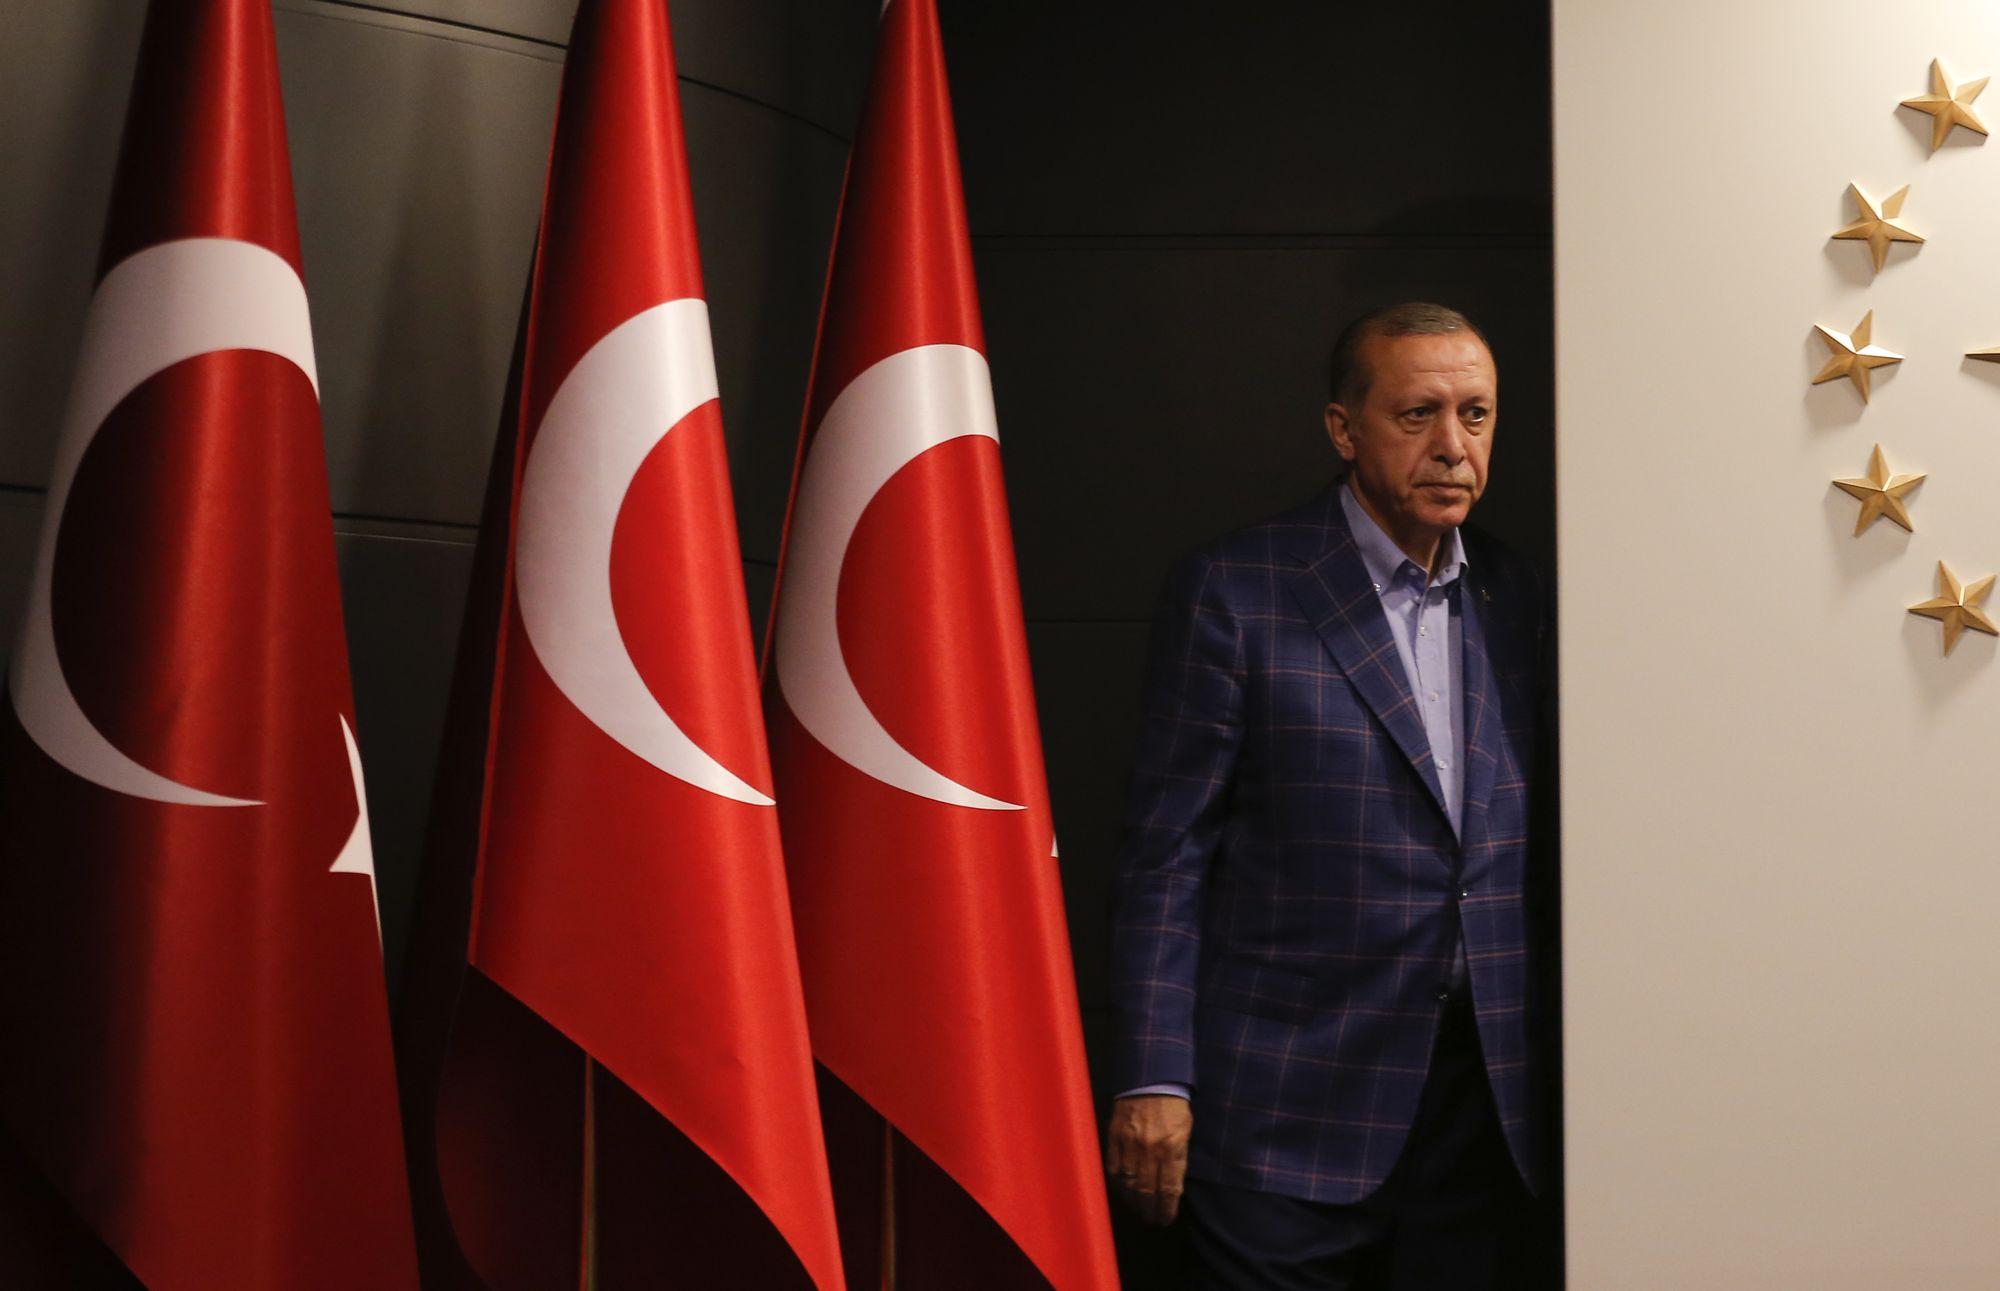 L'Autorité électorale rejette les recours contre le référendum — Turquie